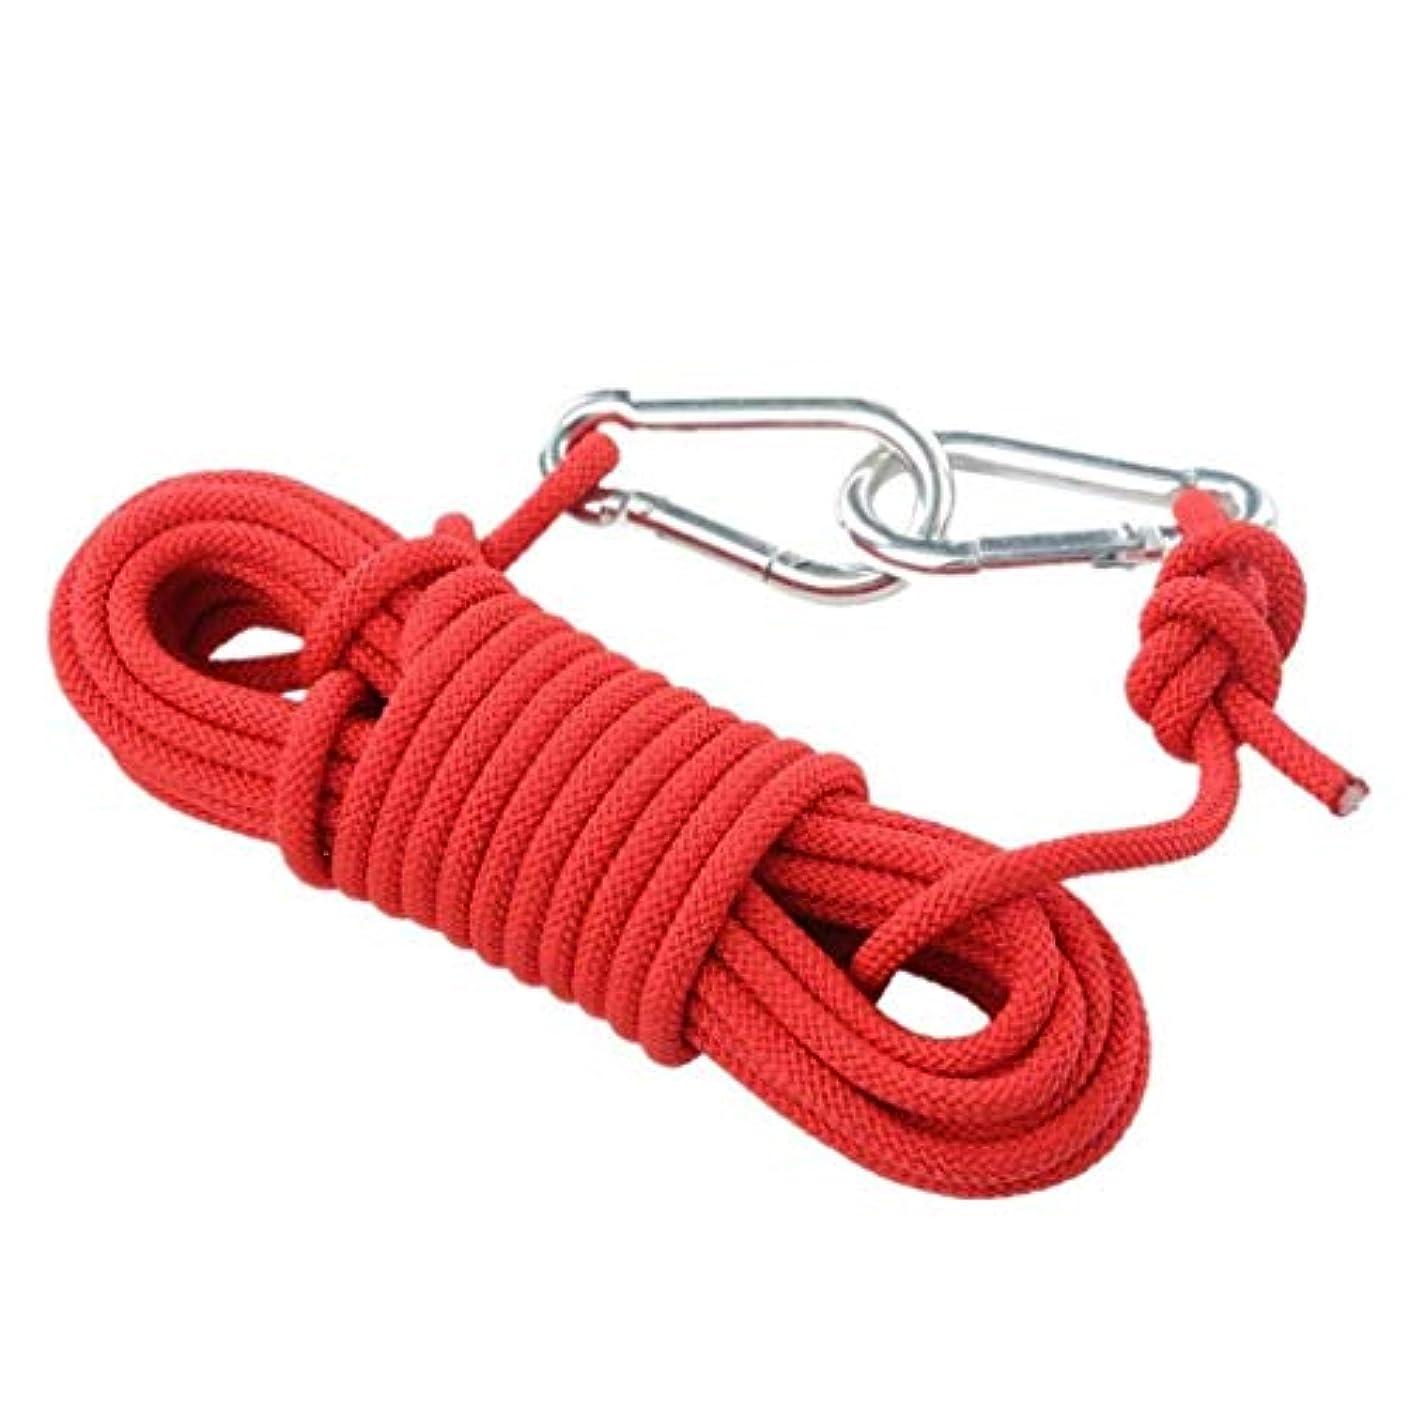 滑り台安いです拡張登山ロープの家の火の緊急脱出ロープ、ハイキングの洞窟探検のキャンプの救助調査および工学保護のための多機能のコードの安全ロープ。 (Color : 赤, Size : 15m)